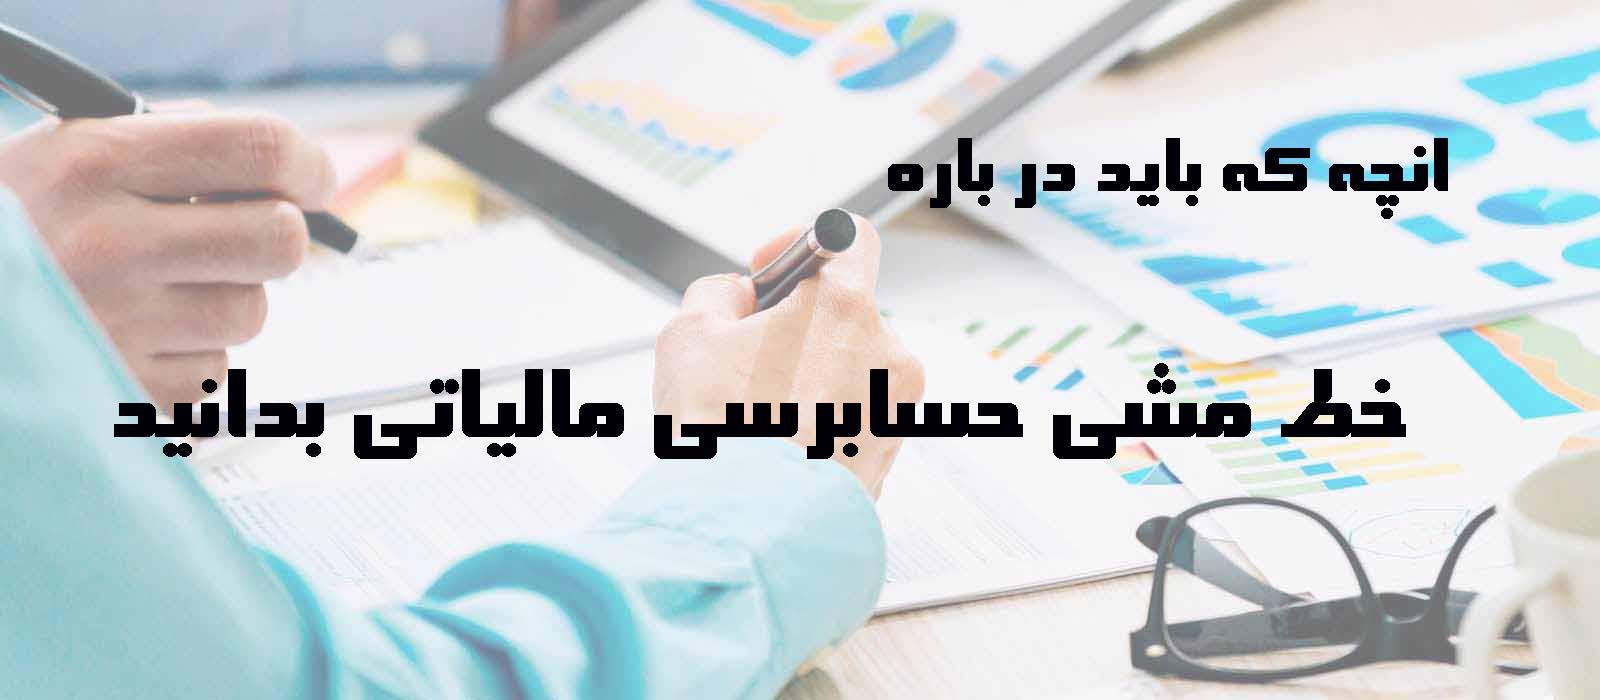 خط مشی حسابرسی مالیاتی